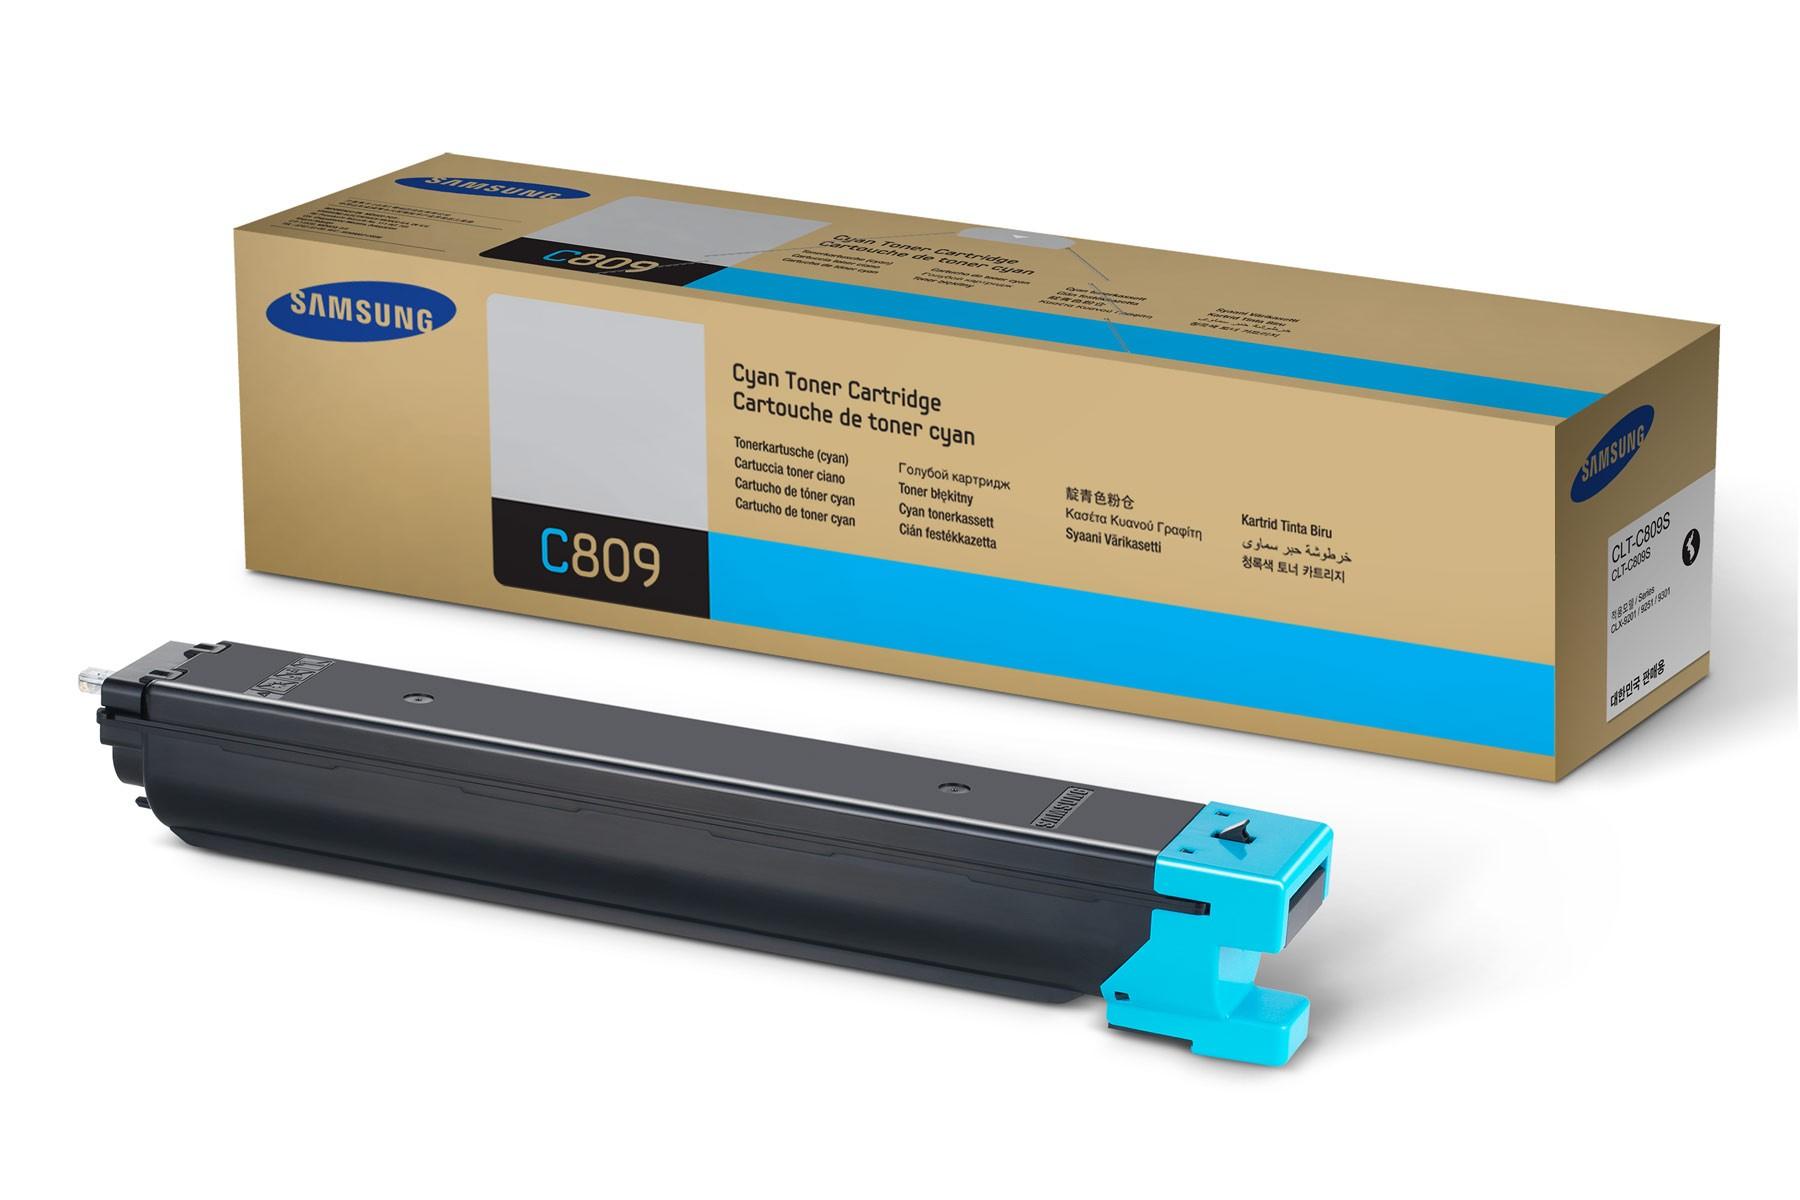 Картридж для лазерного принтера Samsung CLT-C809S, голубой, оригинал